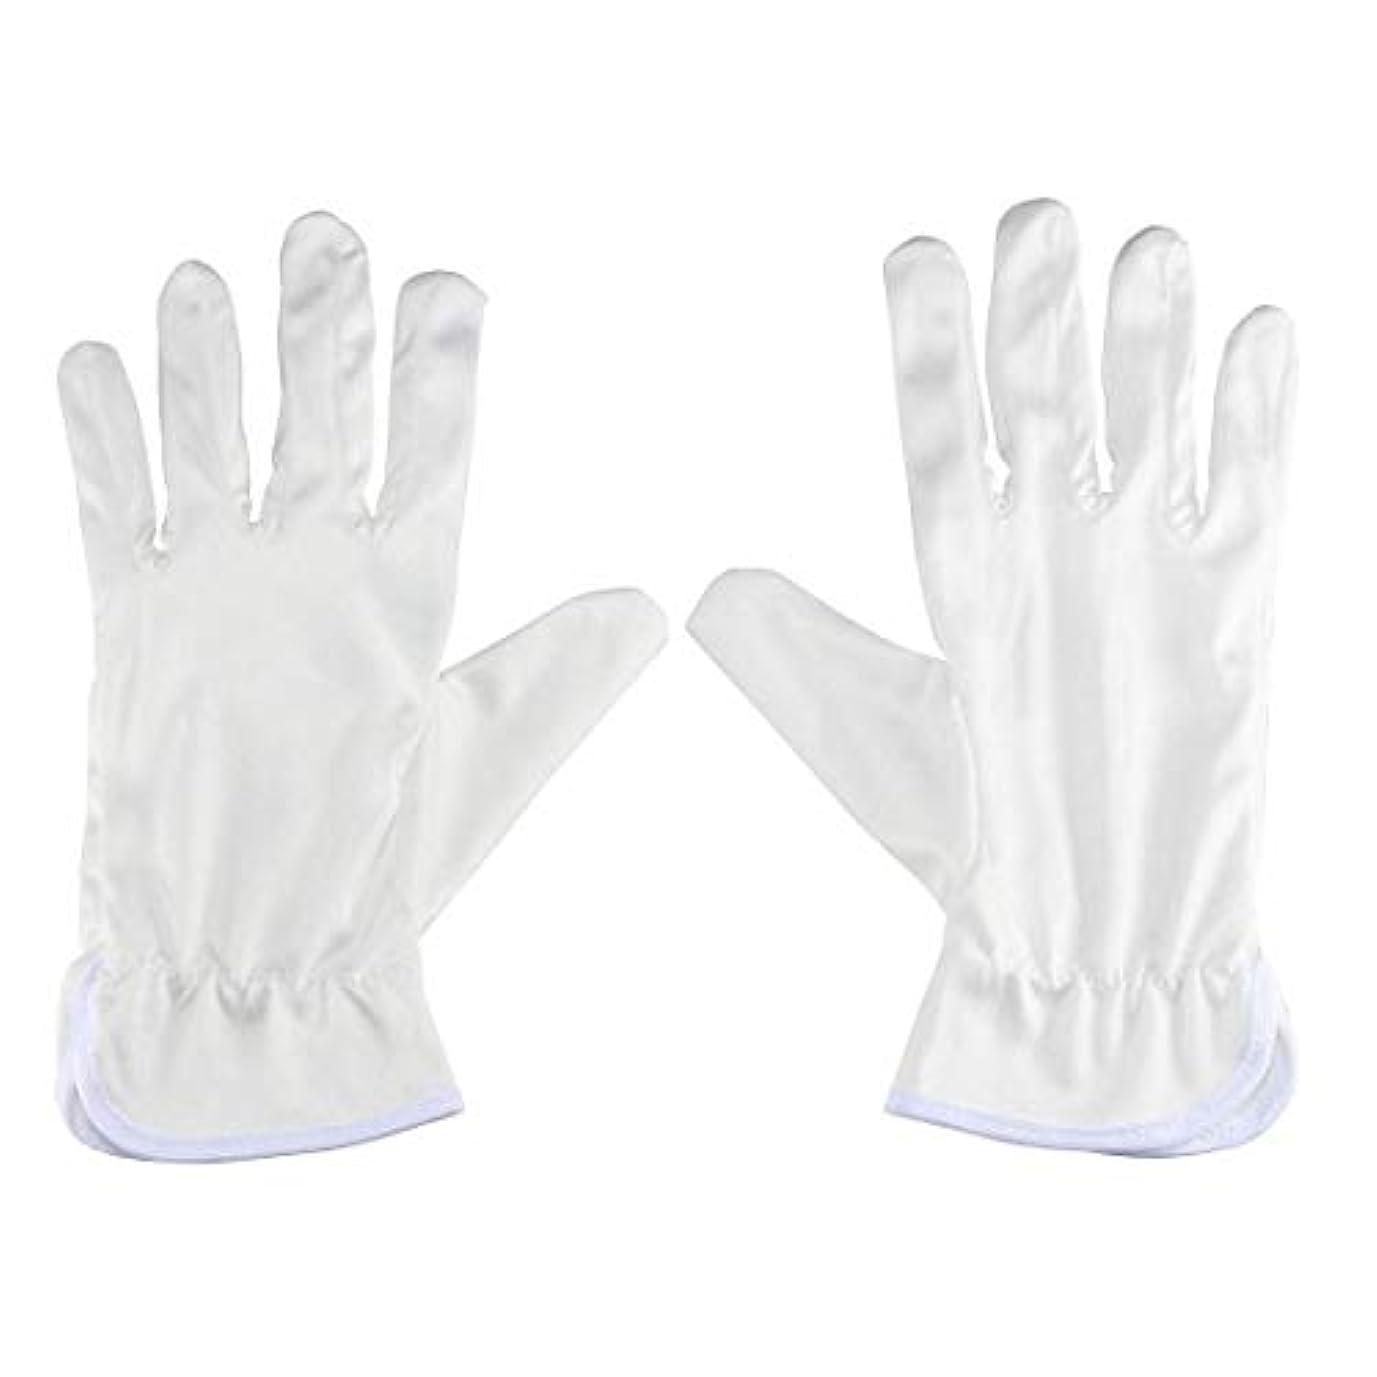 支出腐敗した僕のeDealMax 1ペアマイクロファイバー防塵フルフィンガー作業用保護手袋白小